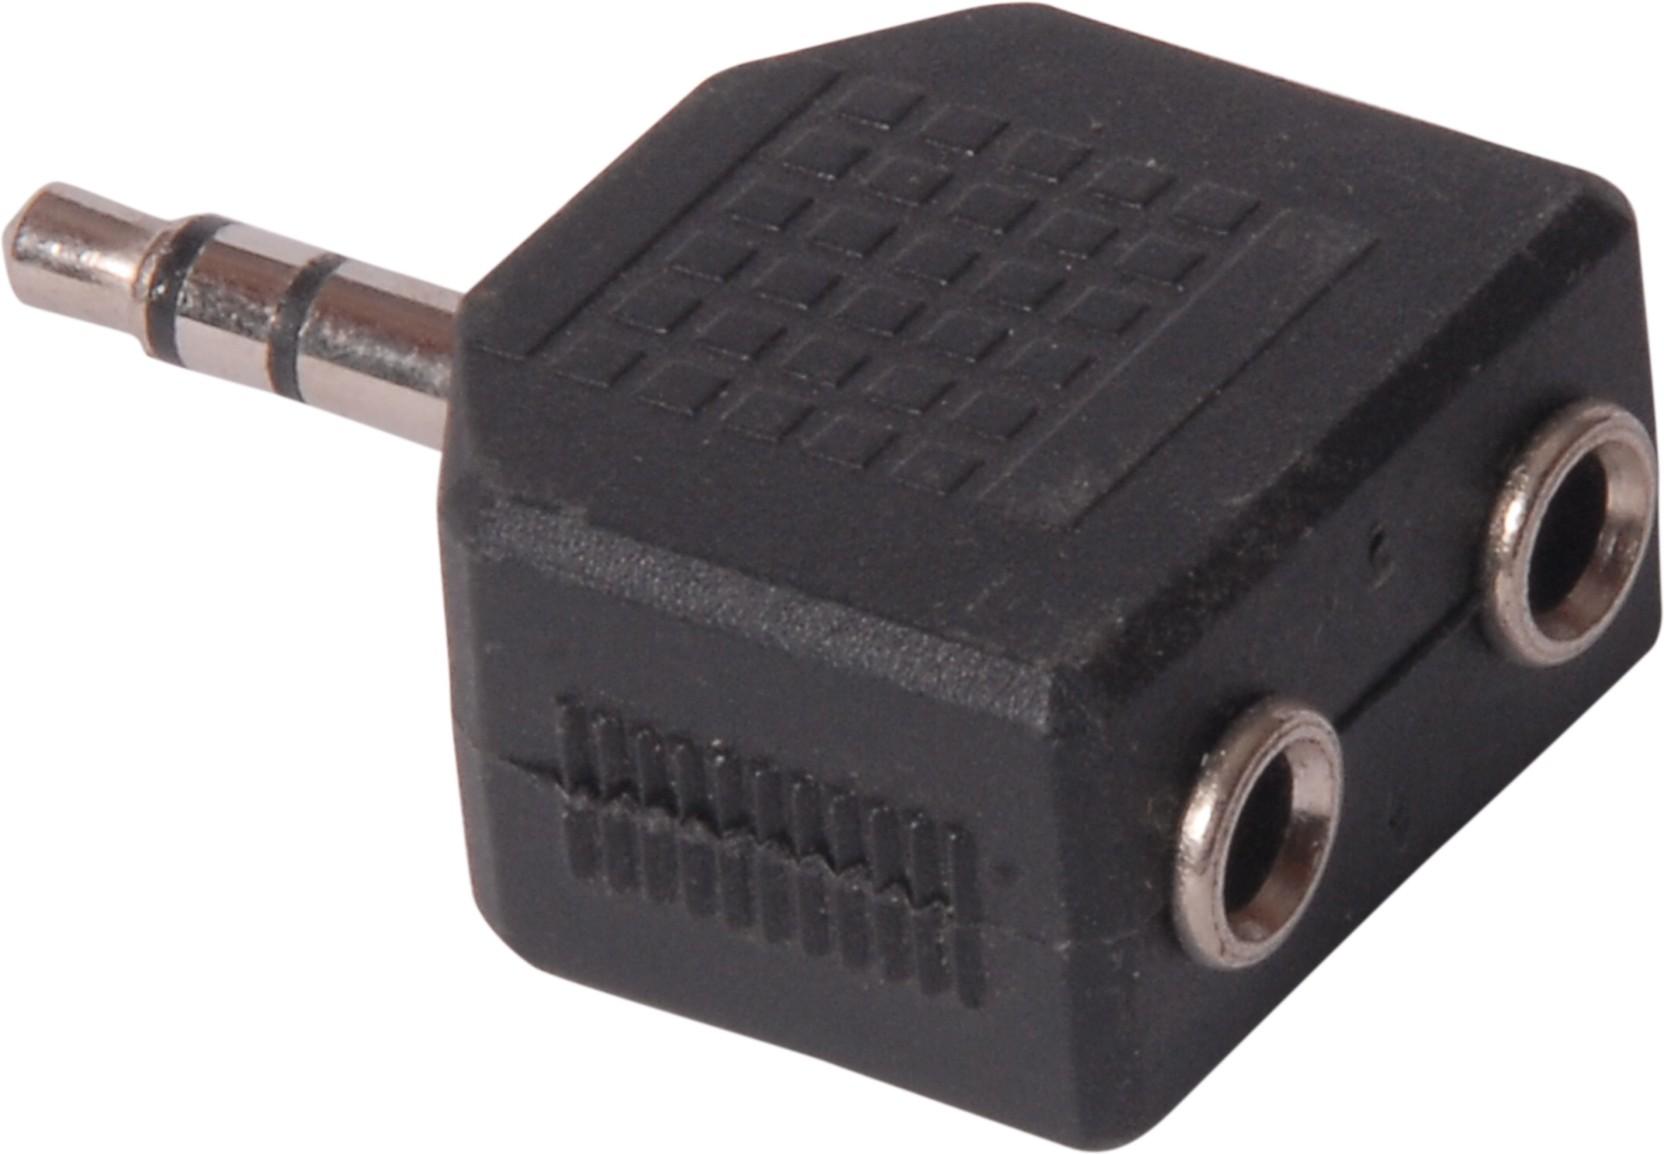 Egizmos 3 5mm Audio Jack Splitter Pin Headphone Splitter